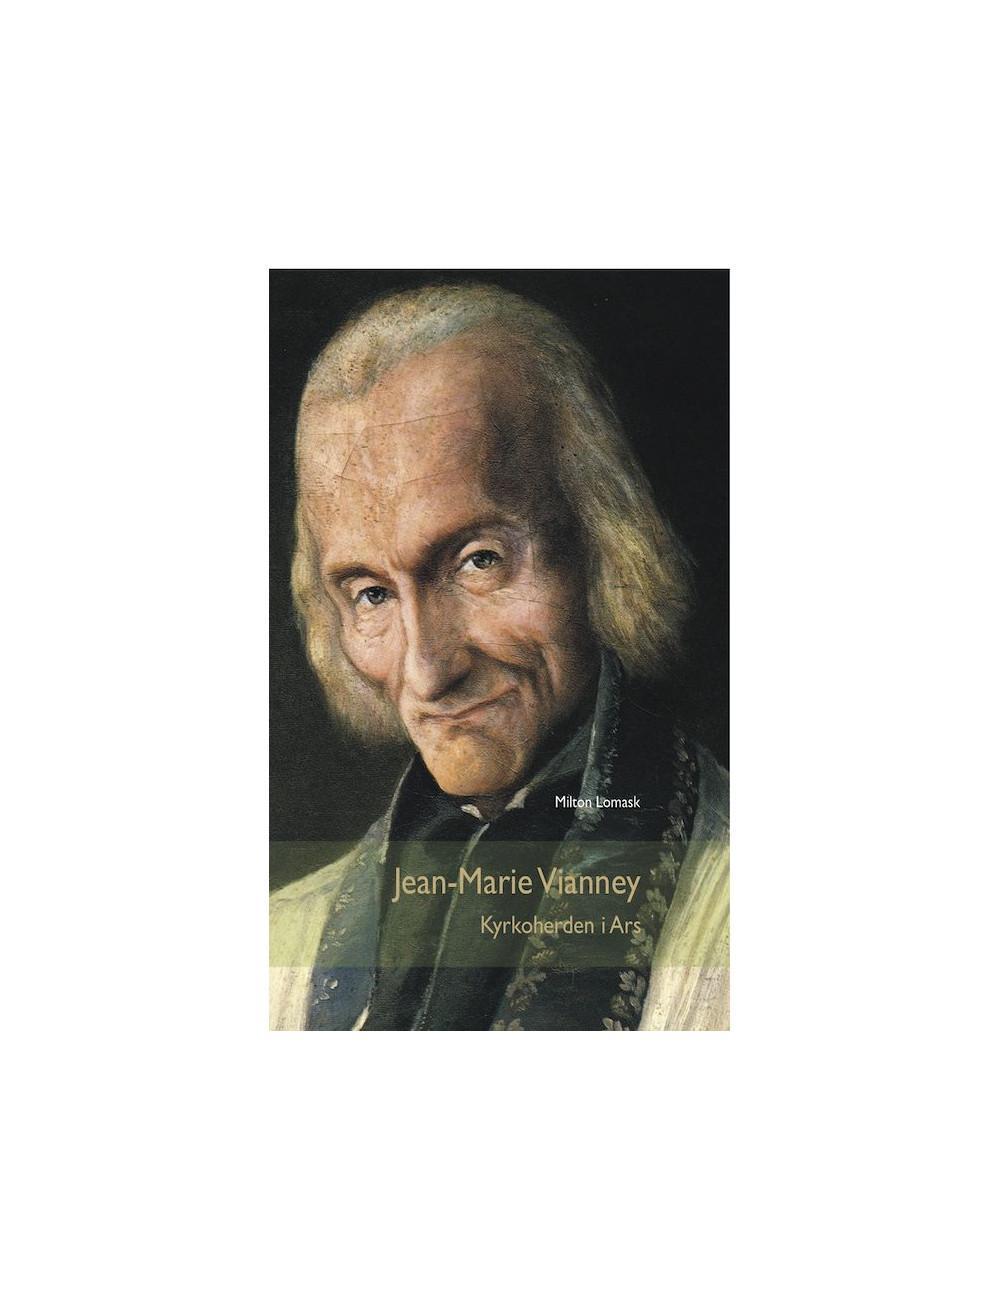 Jean-Marie Vianney - Kyrkoherden i Ars